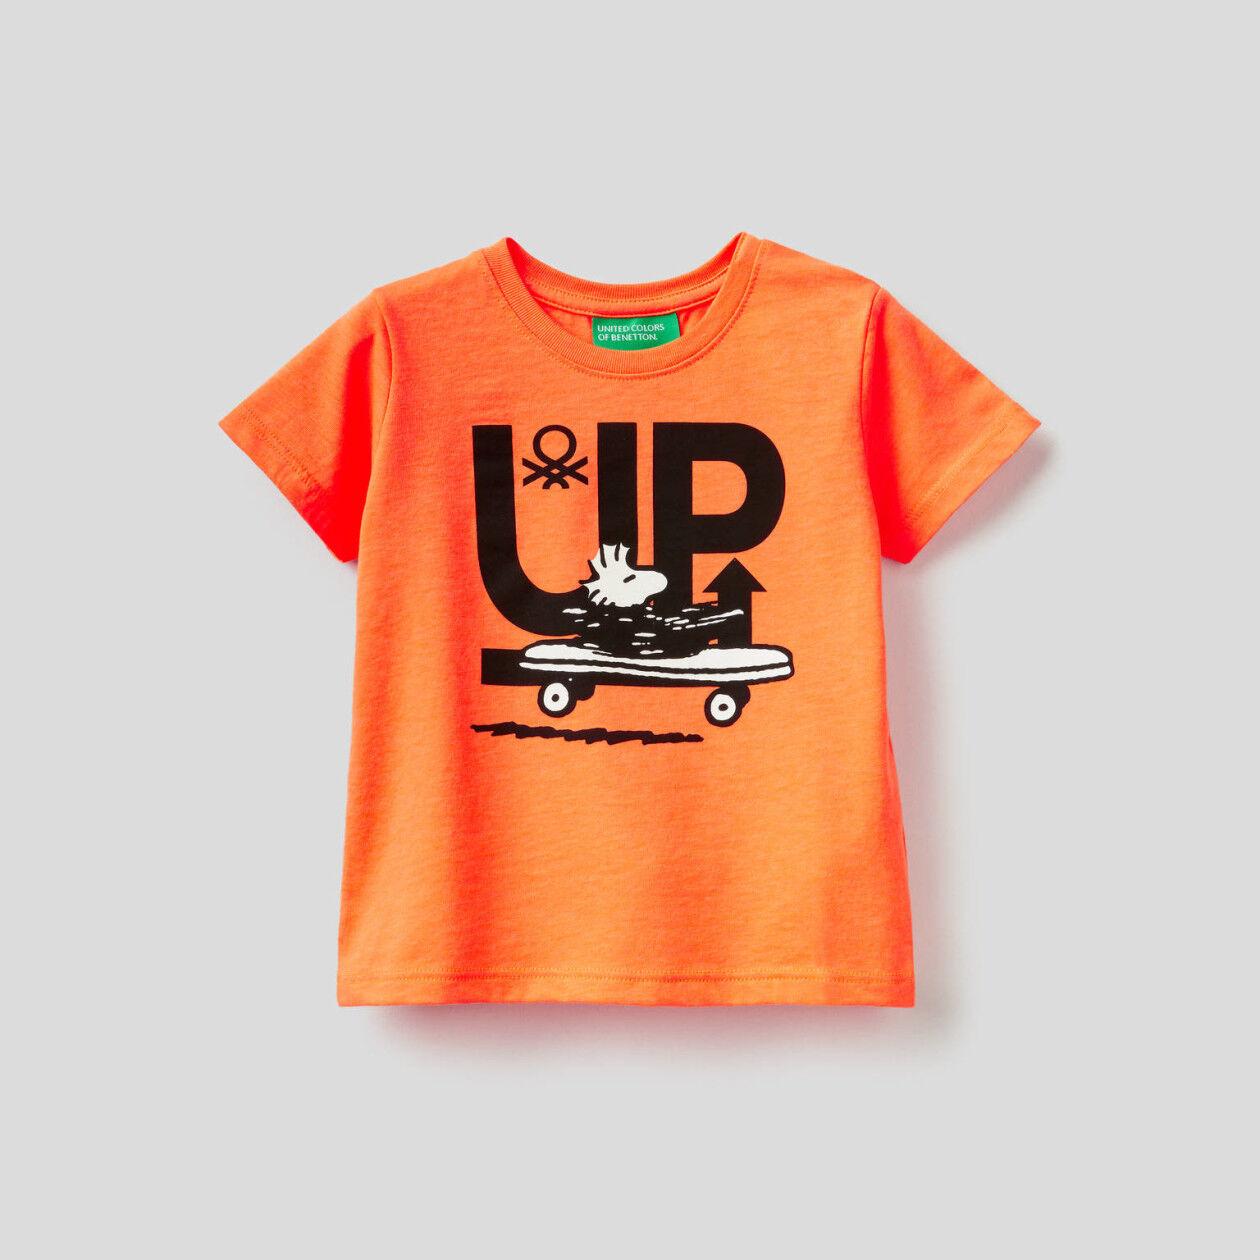 Camiseta con estampado de los Peanuts